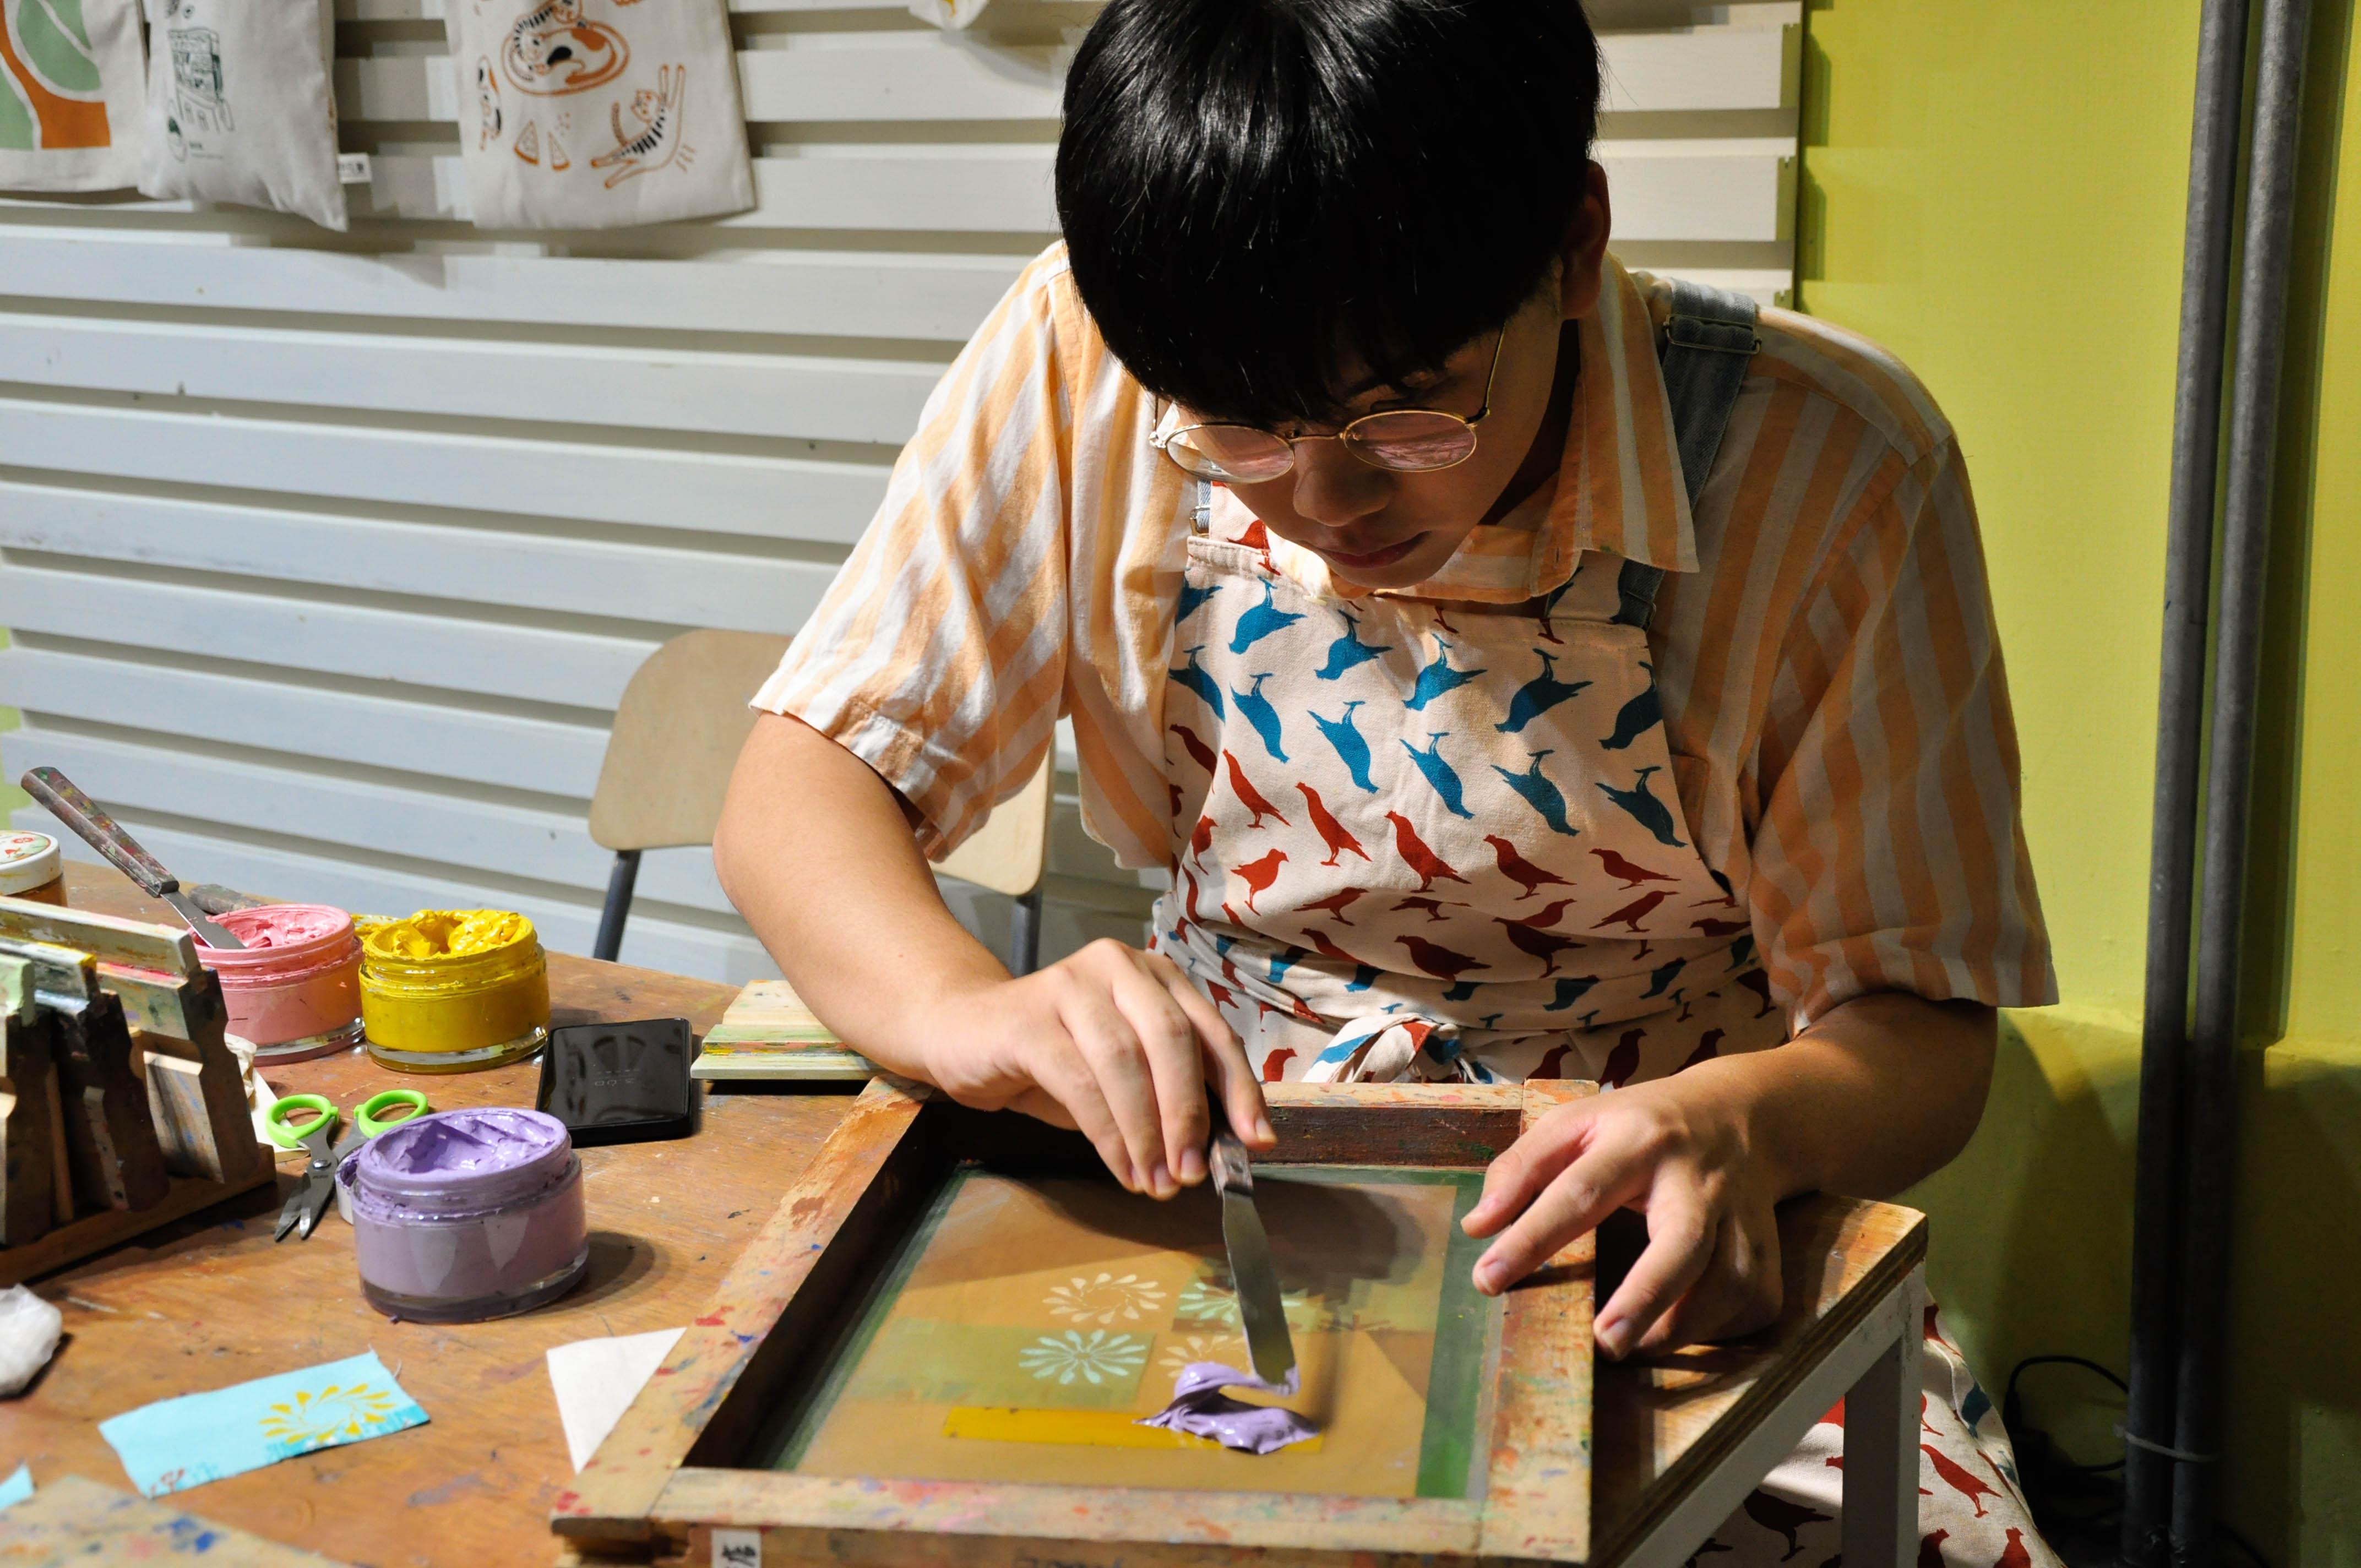 一謙表示,透過絹印手作樂課程體驗到創作的樂趣。攝影/汪祐寧